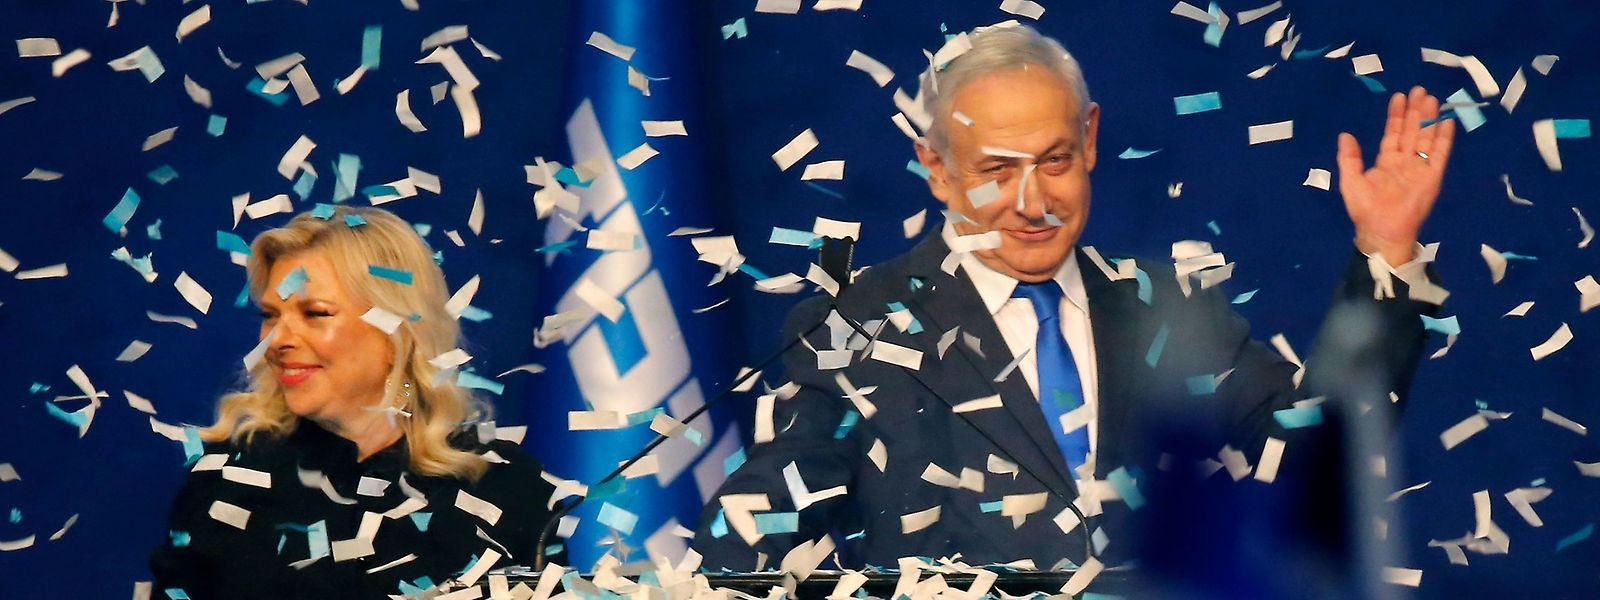 Une incontestable victoire personnelle: Benjamin Netanyahu avec son épouse devant ses partisans à Tel Aviv.